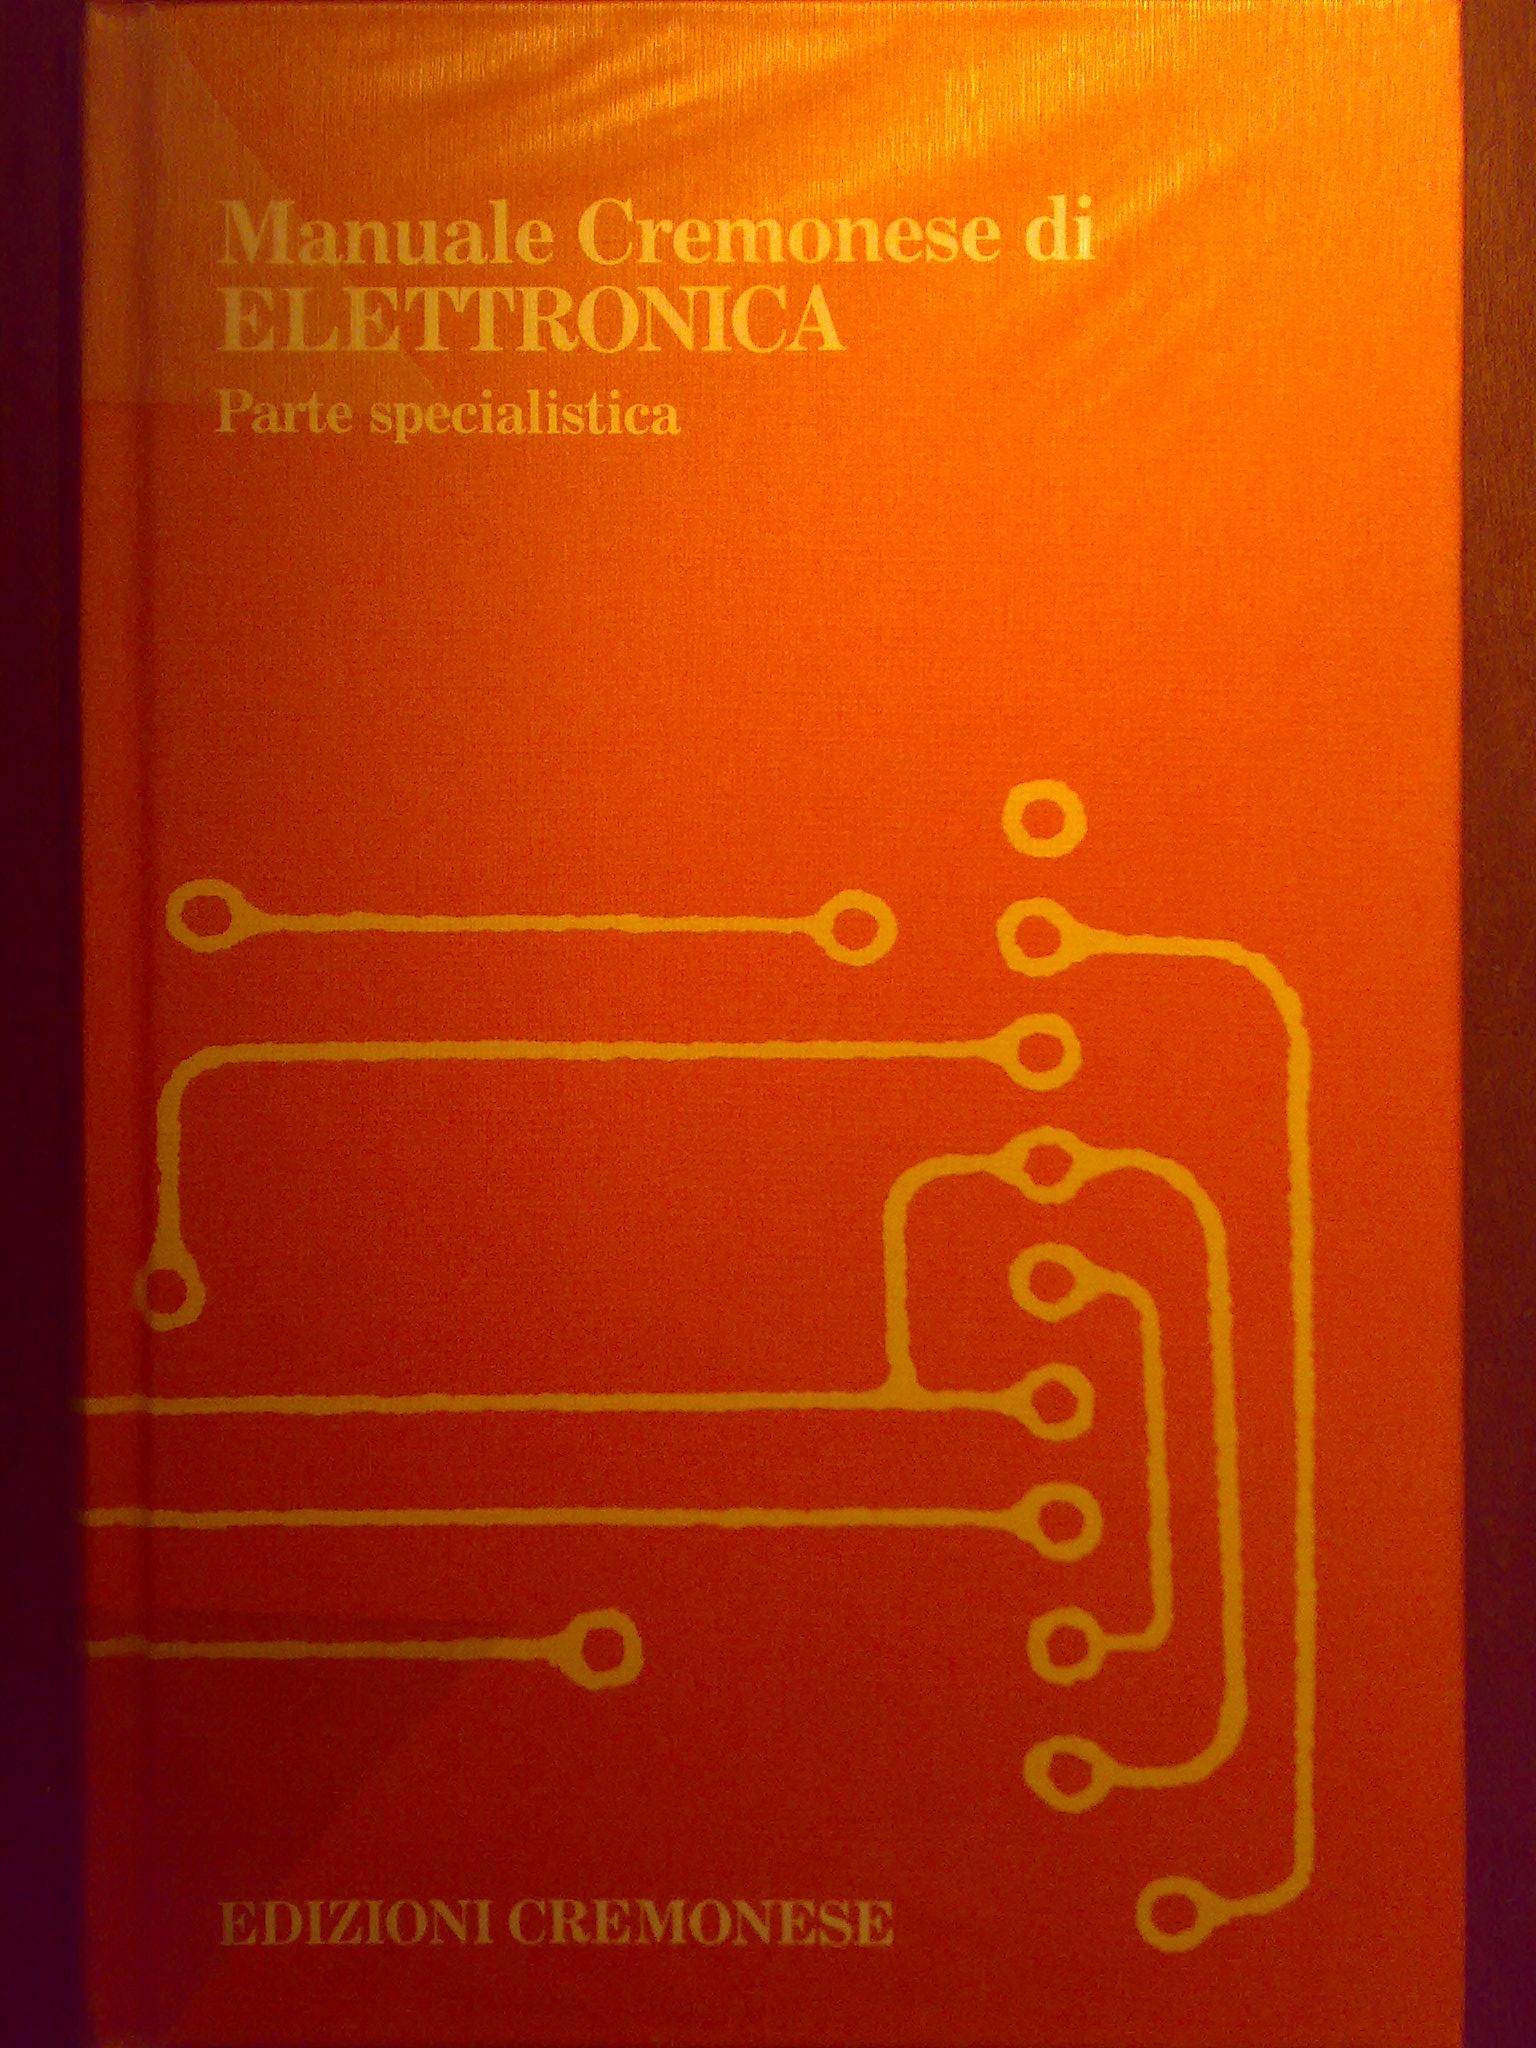 Manuale Cremonese - Vol. 2